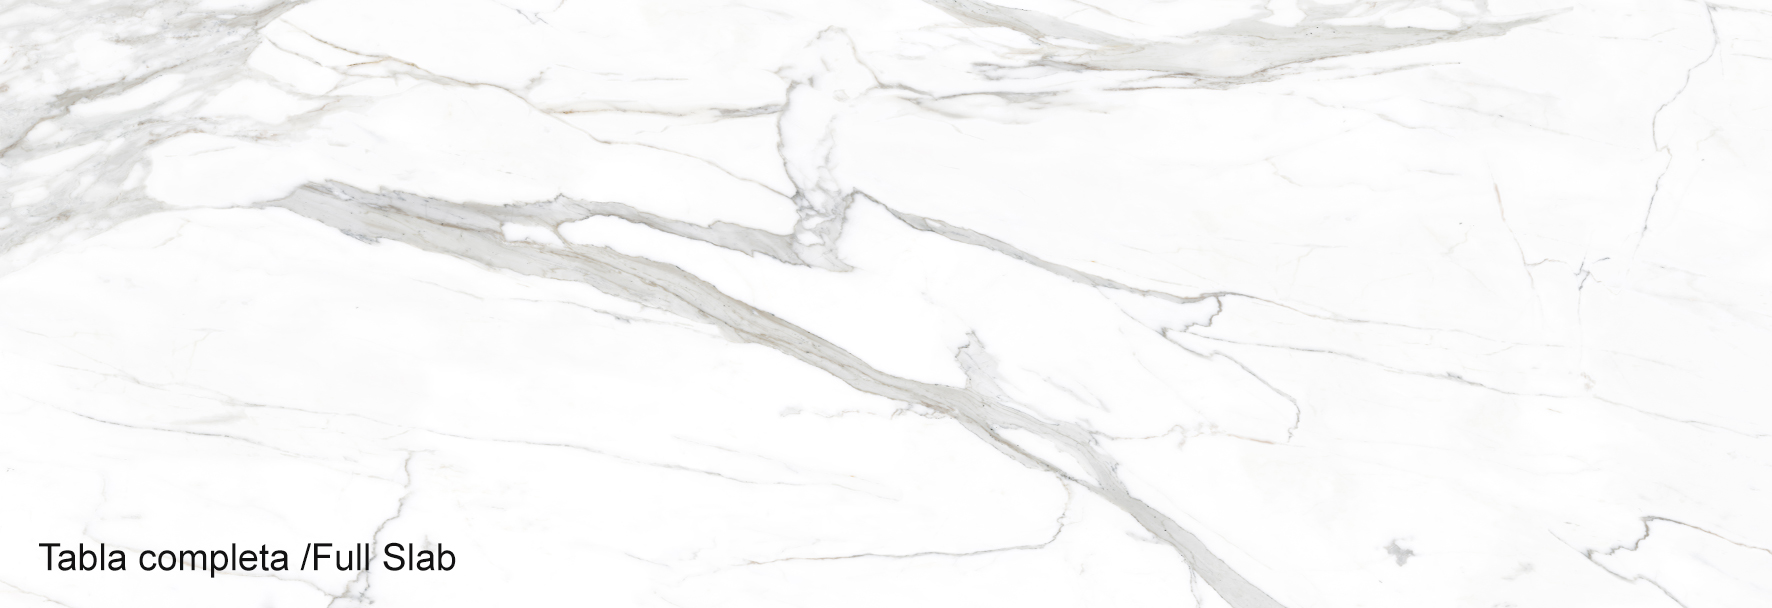 SPIEKI KWARCOWE NEOLITH, kolor ESTATUARIO 05, wzór płyty